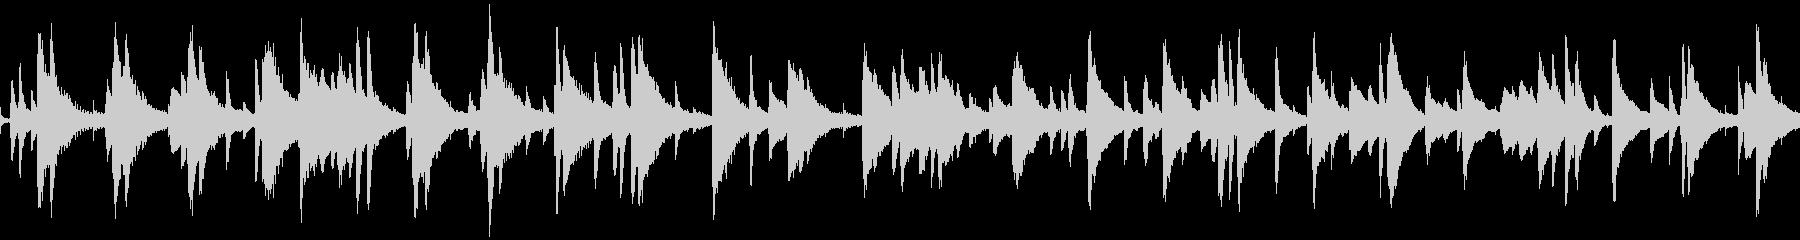 お洒落でキャッチーなジャズピアノトリオ7の未再生の波形